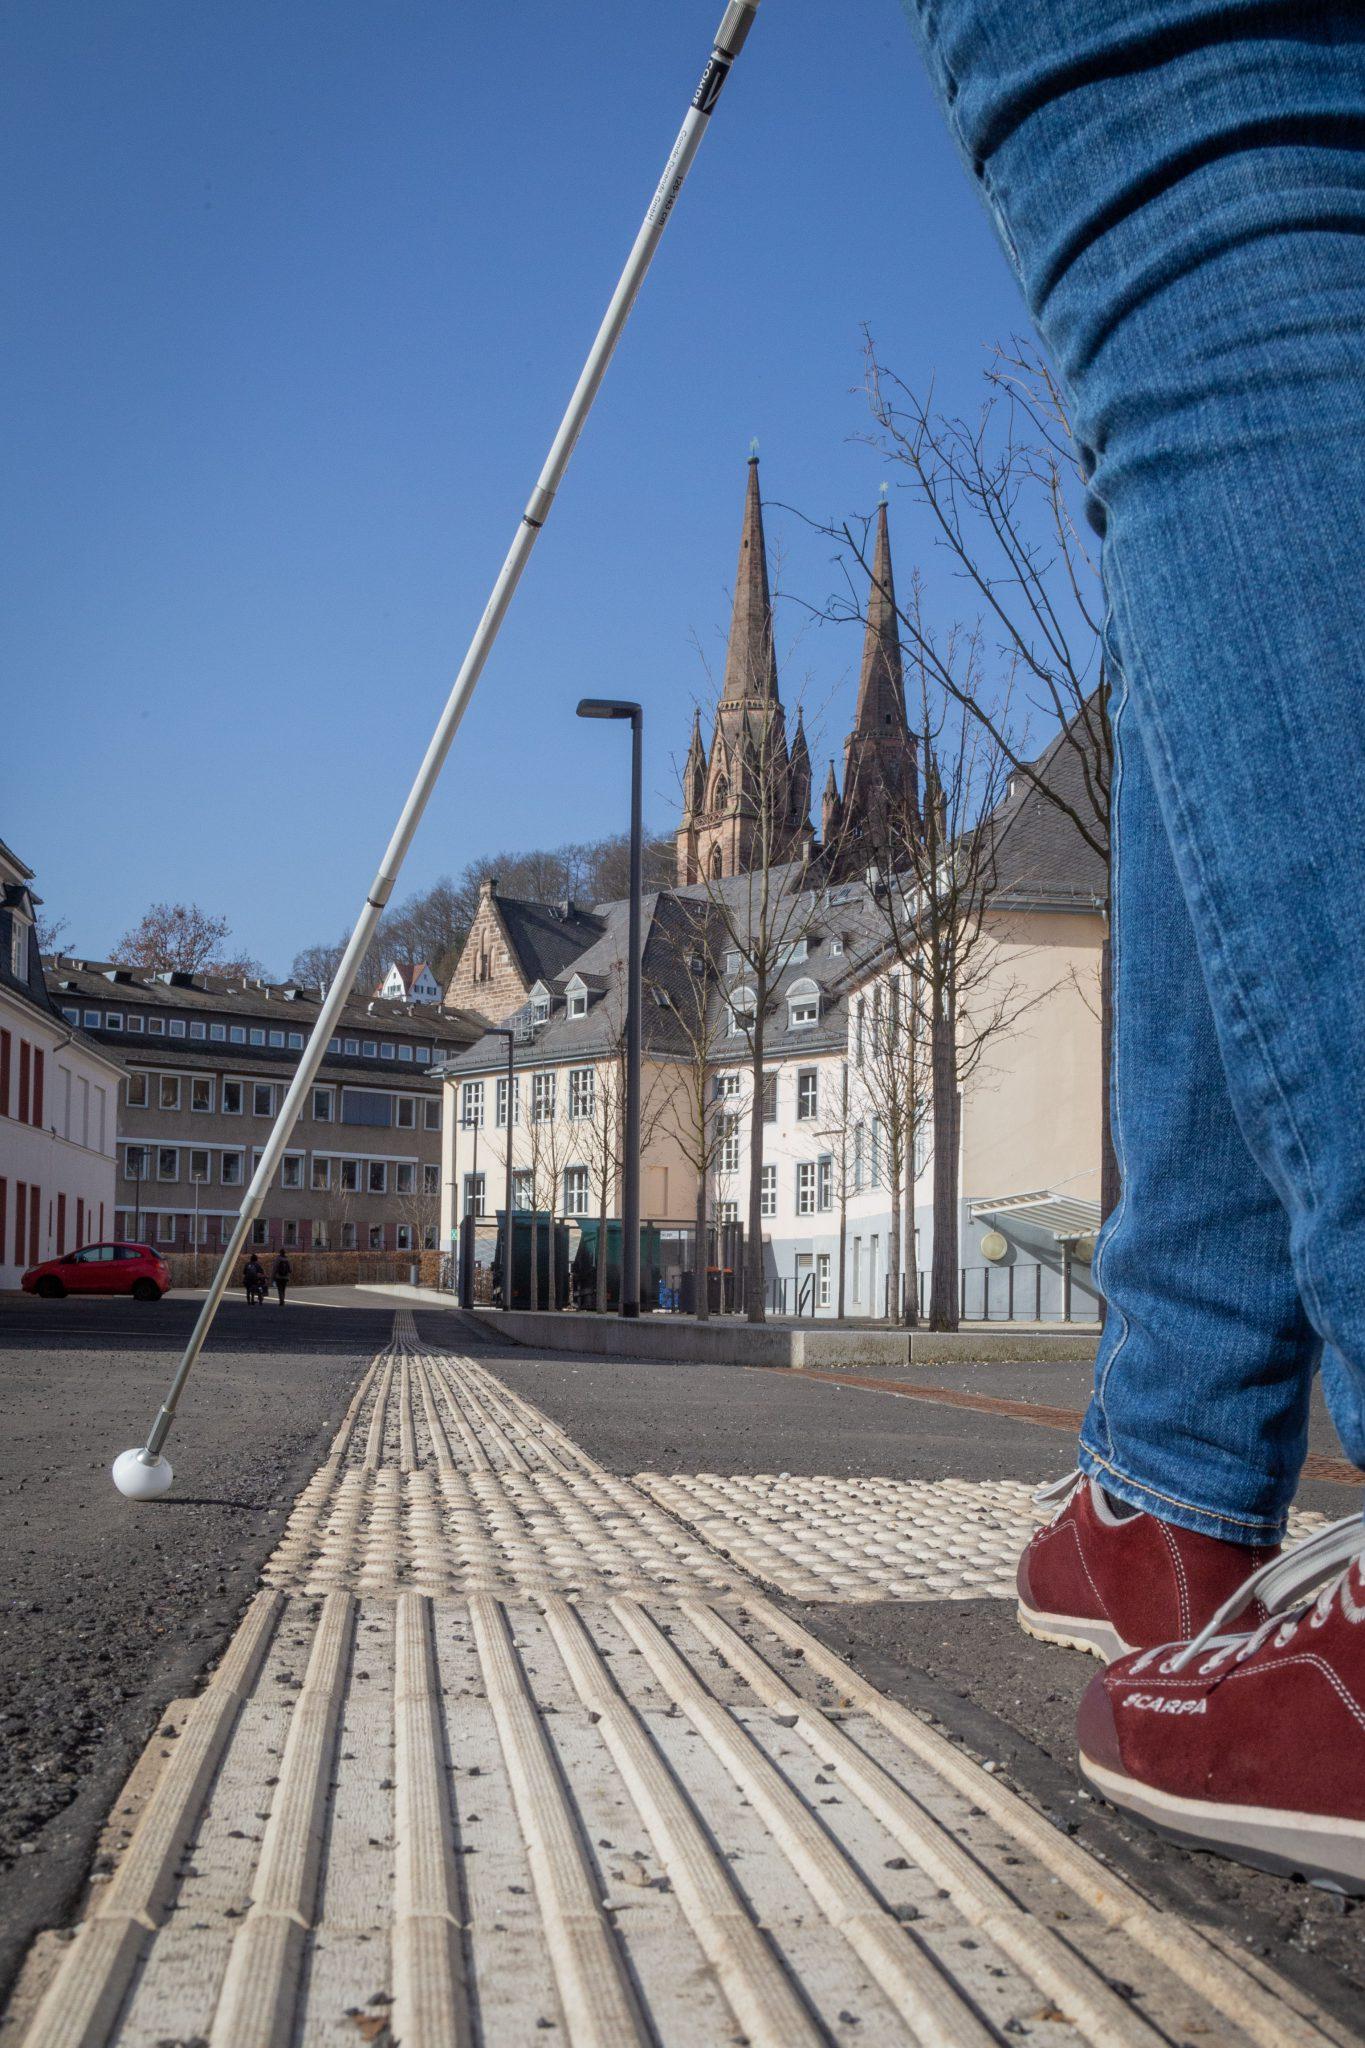 Nutzung eines Blindenleitsystems mit dem Langstock, Elisabethkirche Marburg im Hintergrund